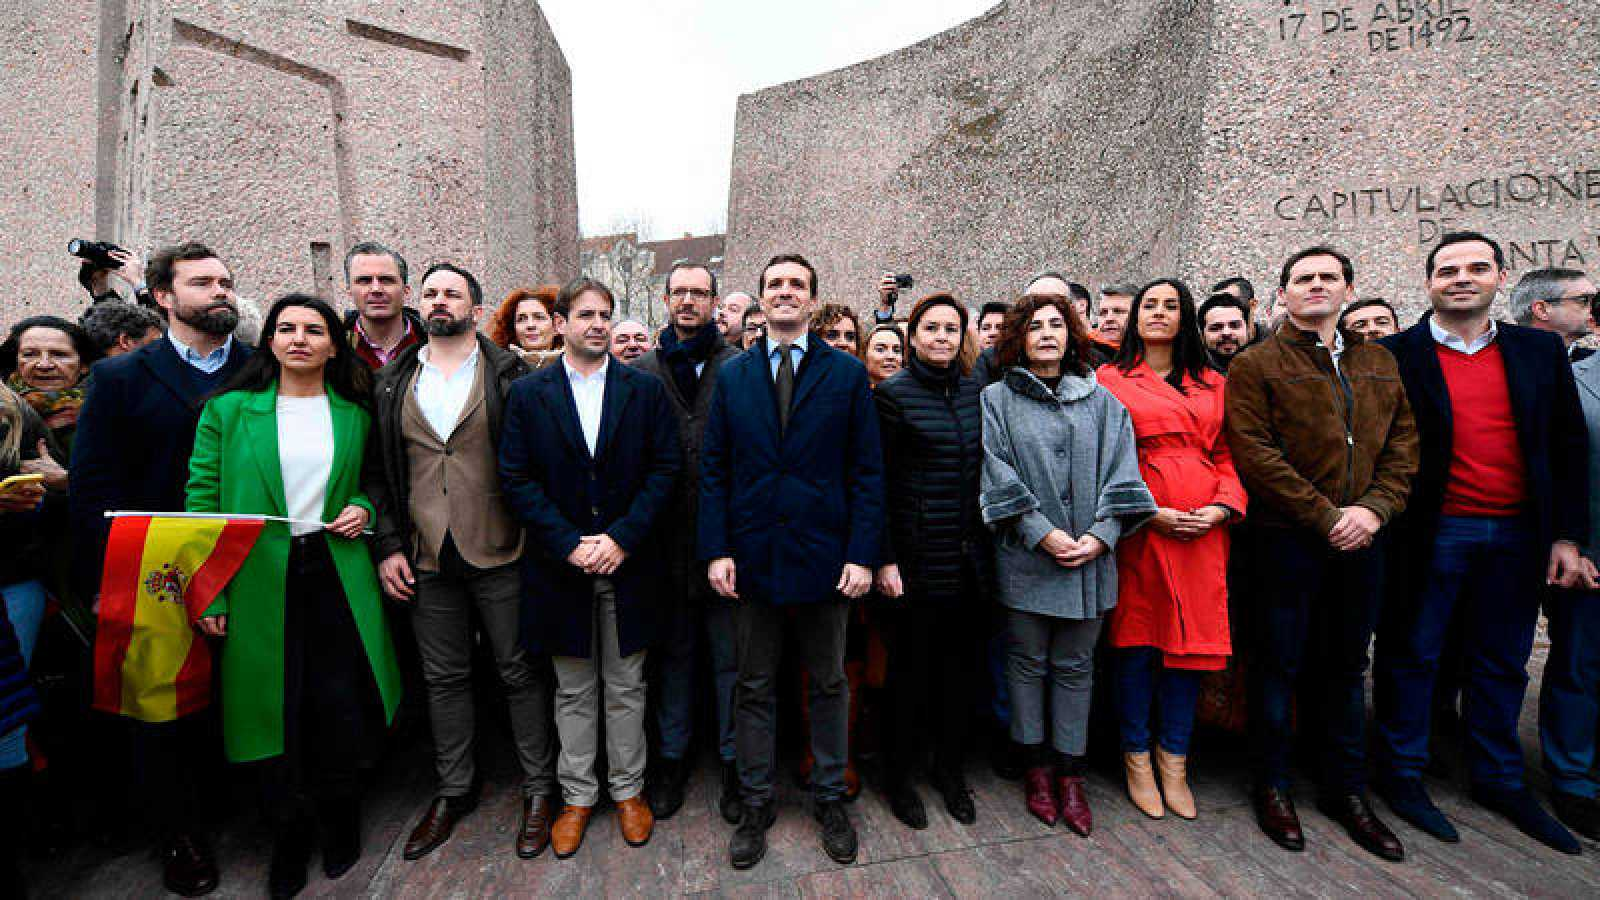 Santiago Abascal, Pablo Casado y Albert Rivera han subido al escenario de la plaza de Colón acompañados por otros integrantes de sus respectivas formaciones políticas